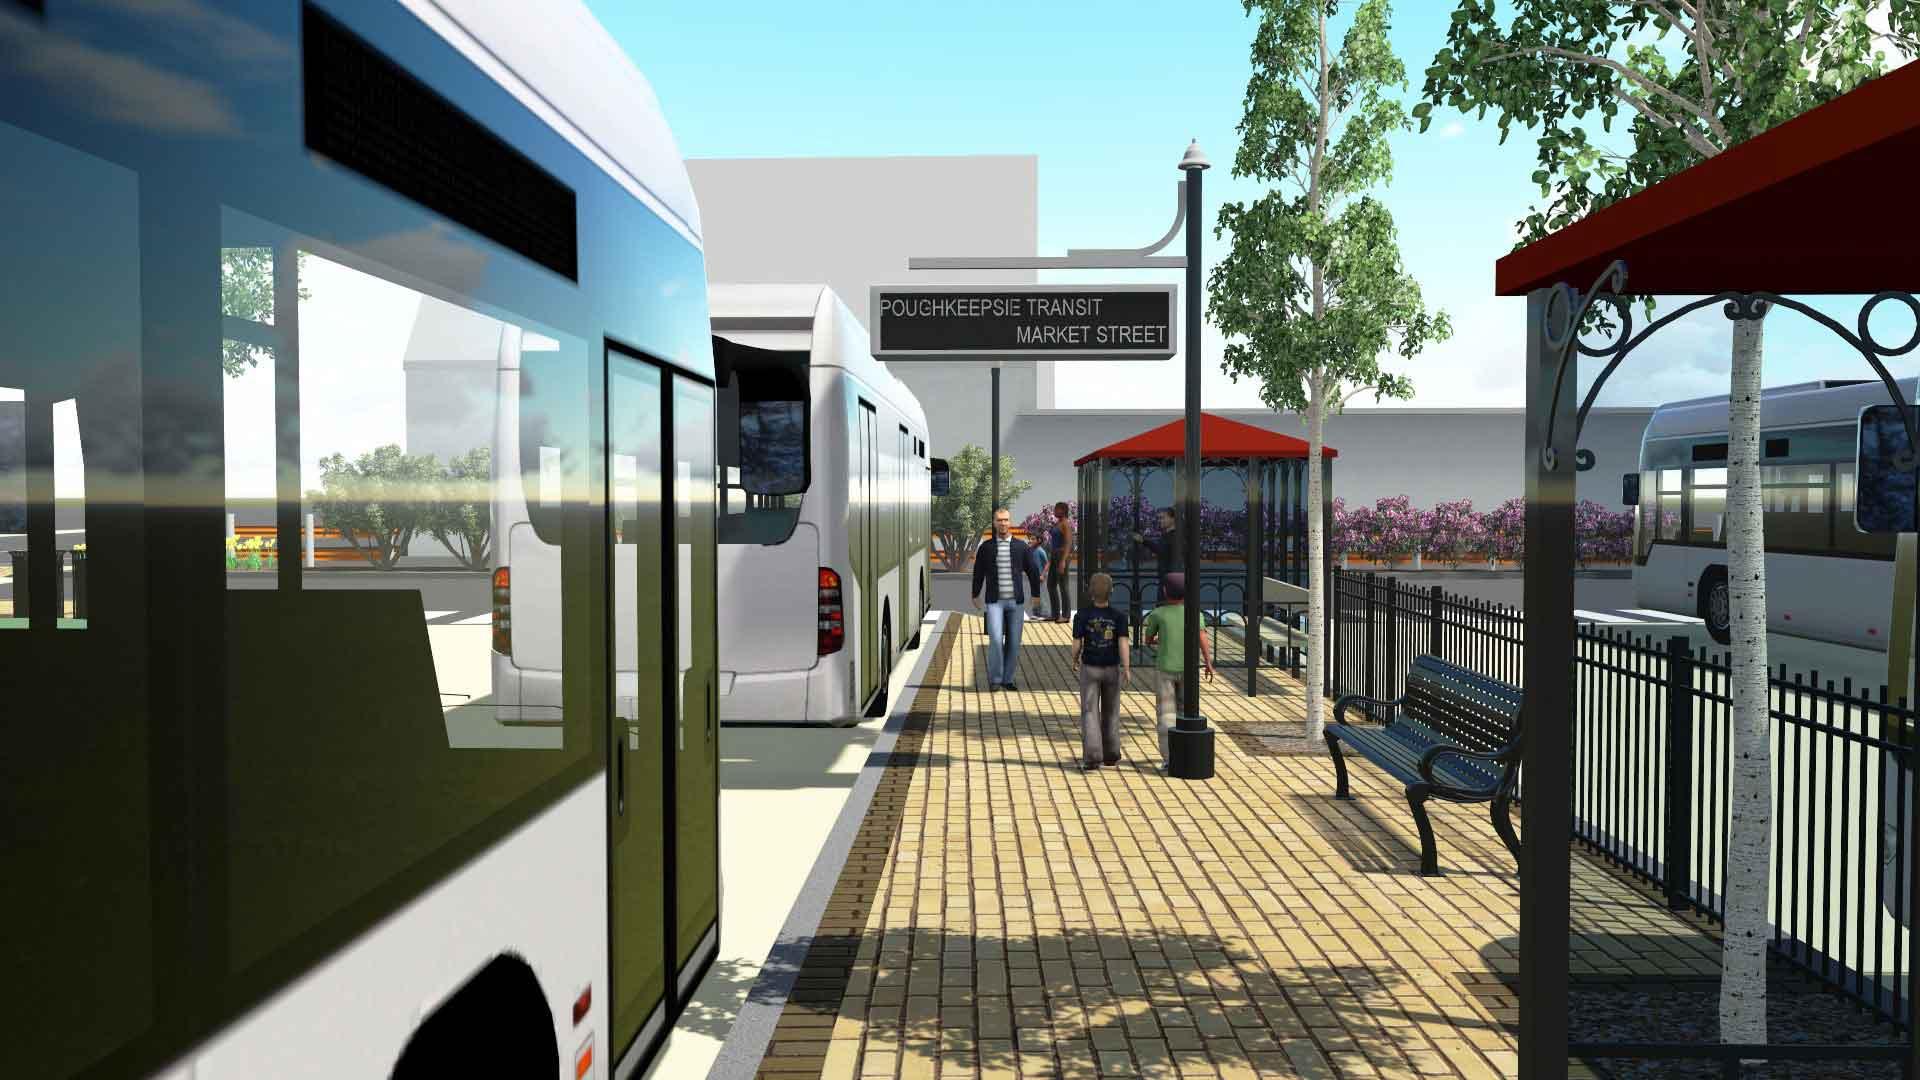 Poughkeepsie Transit Render